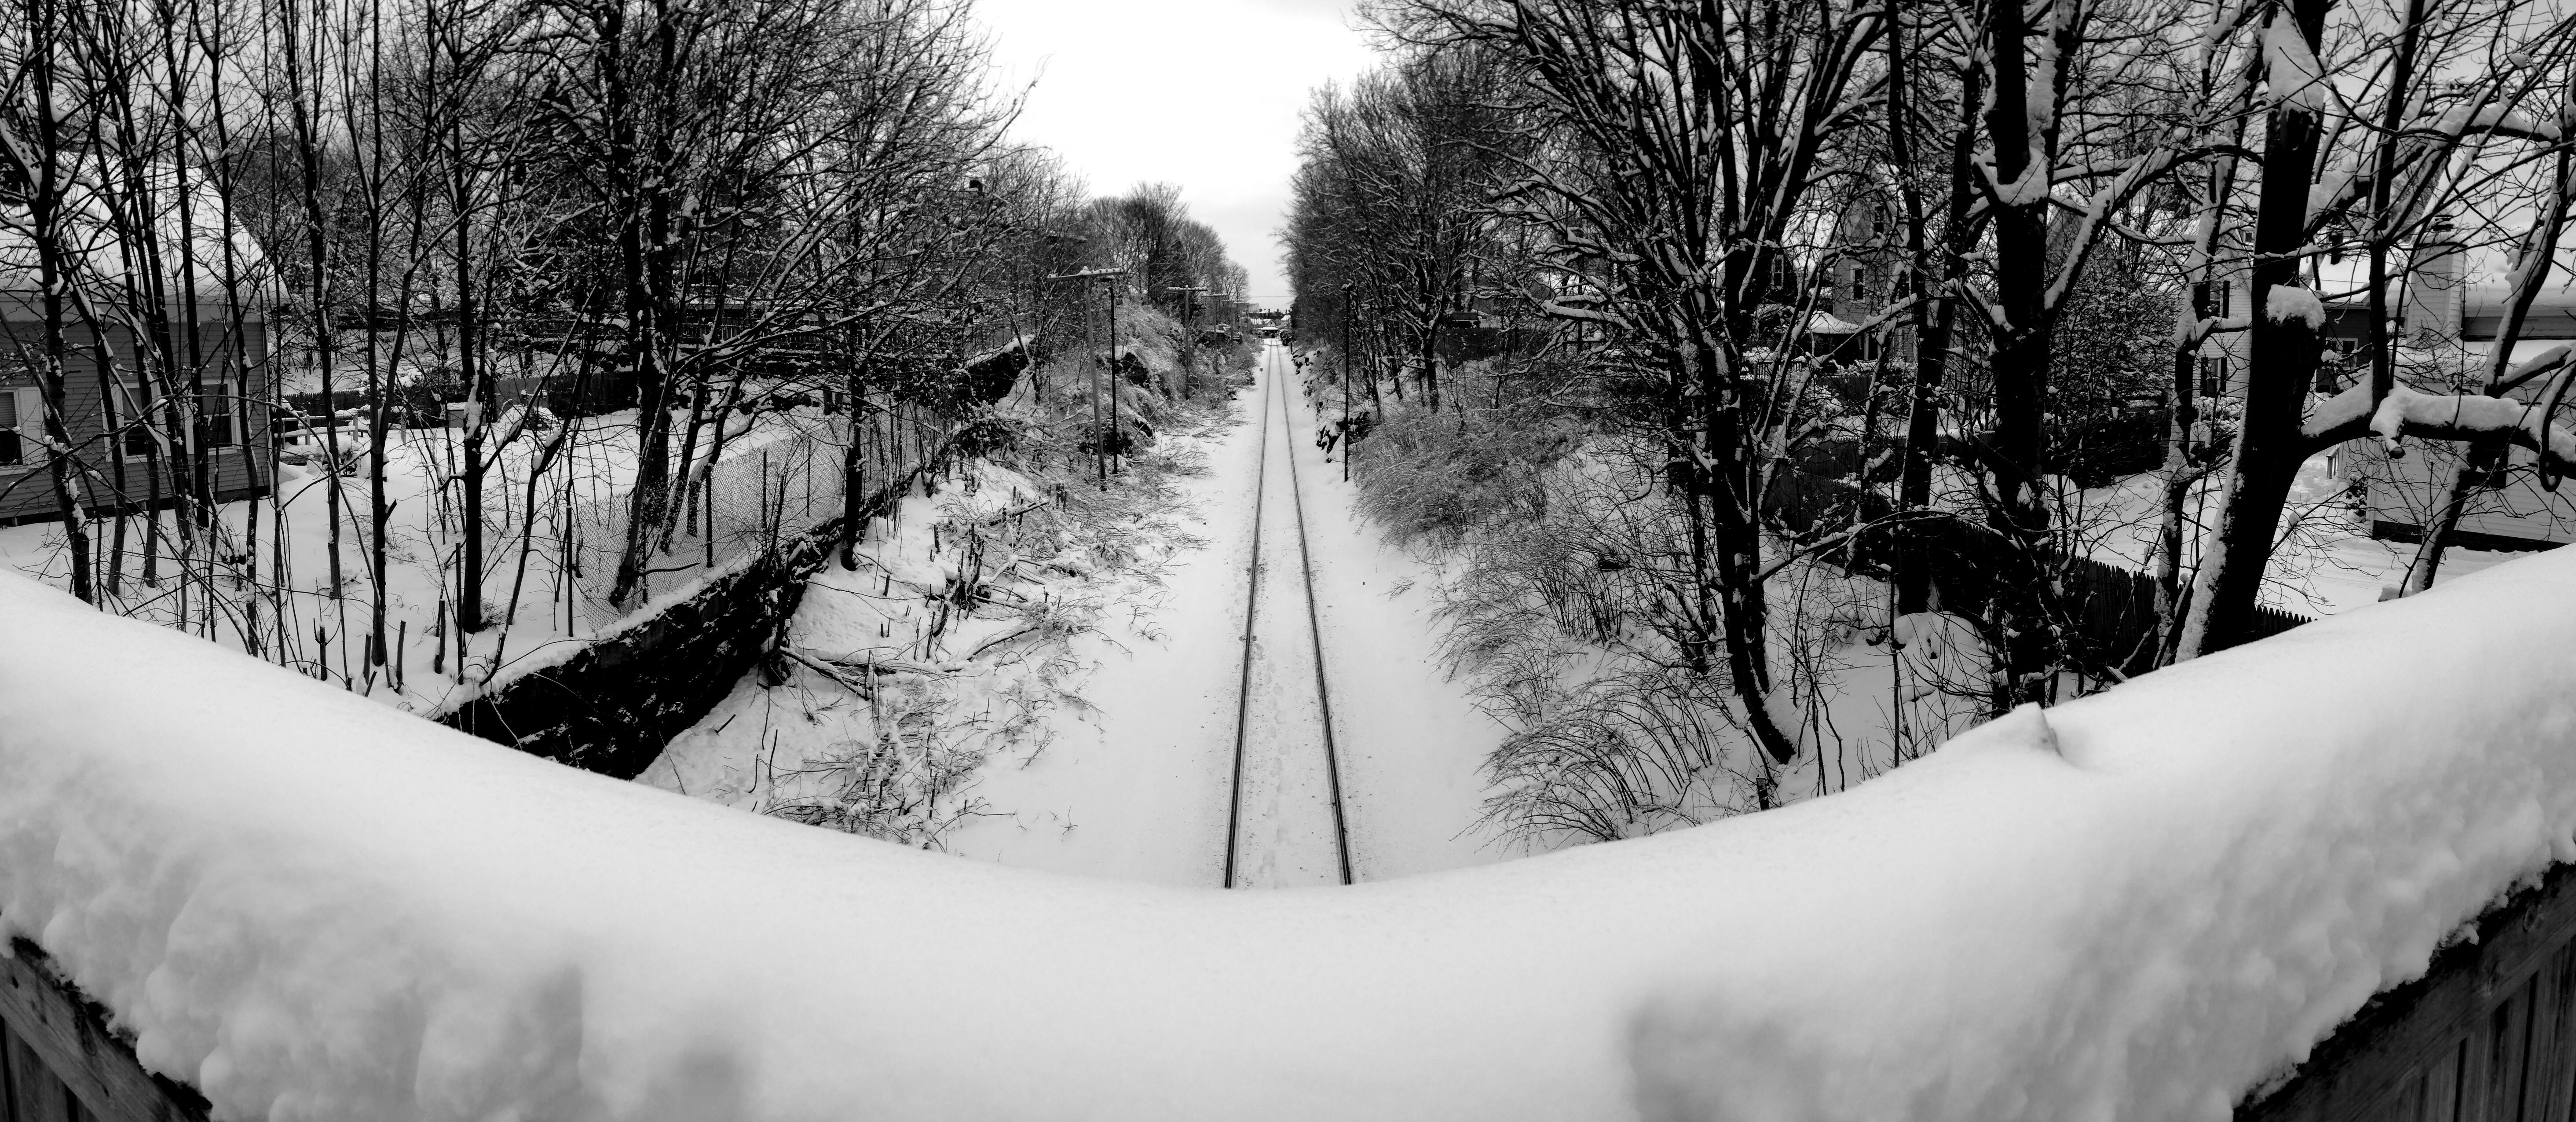 Waitin' on dat train.